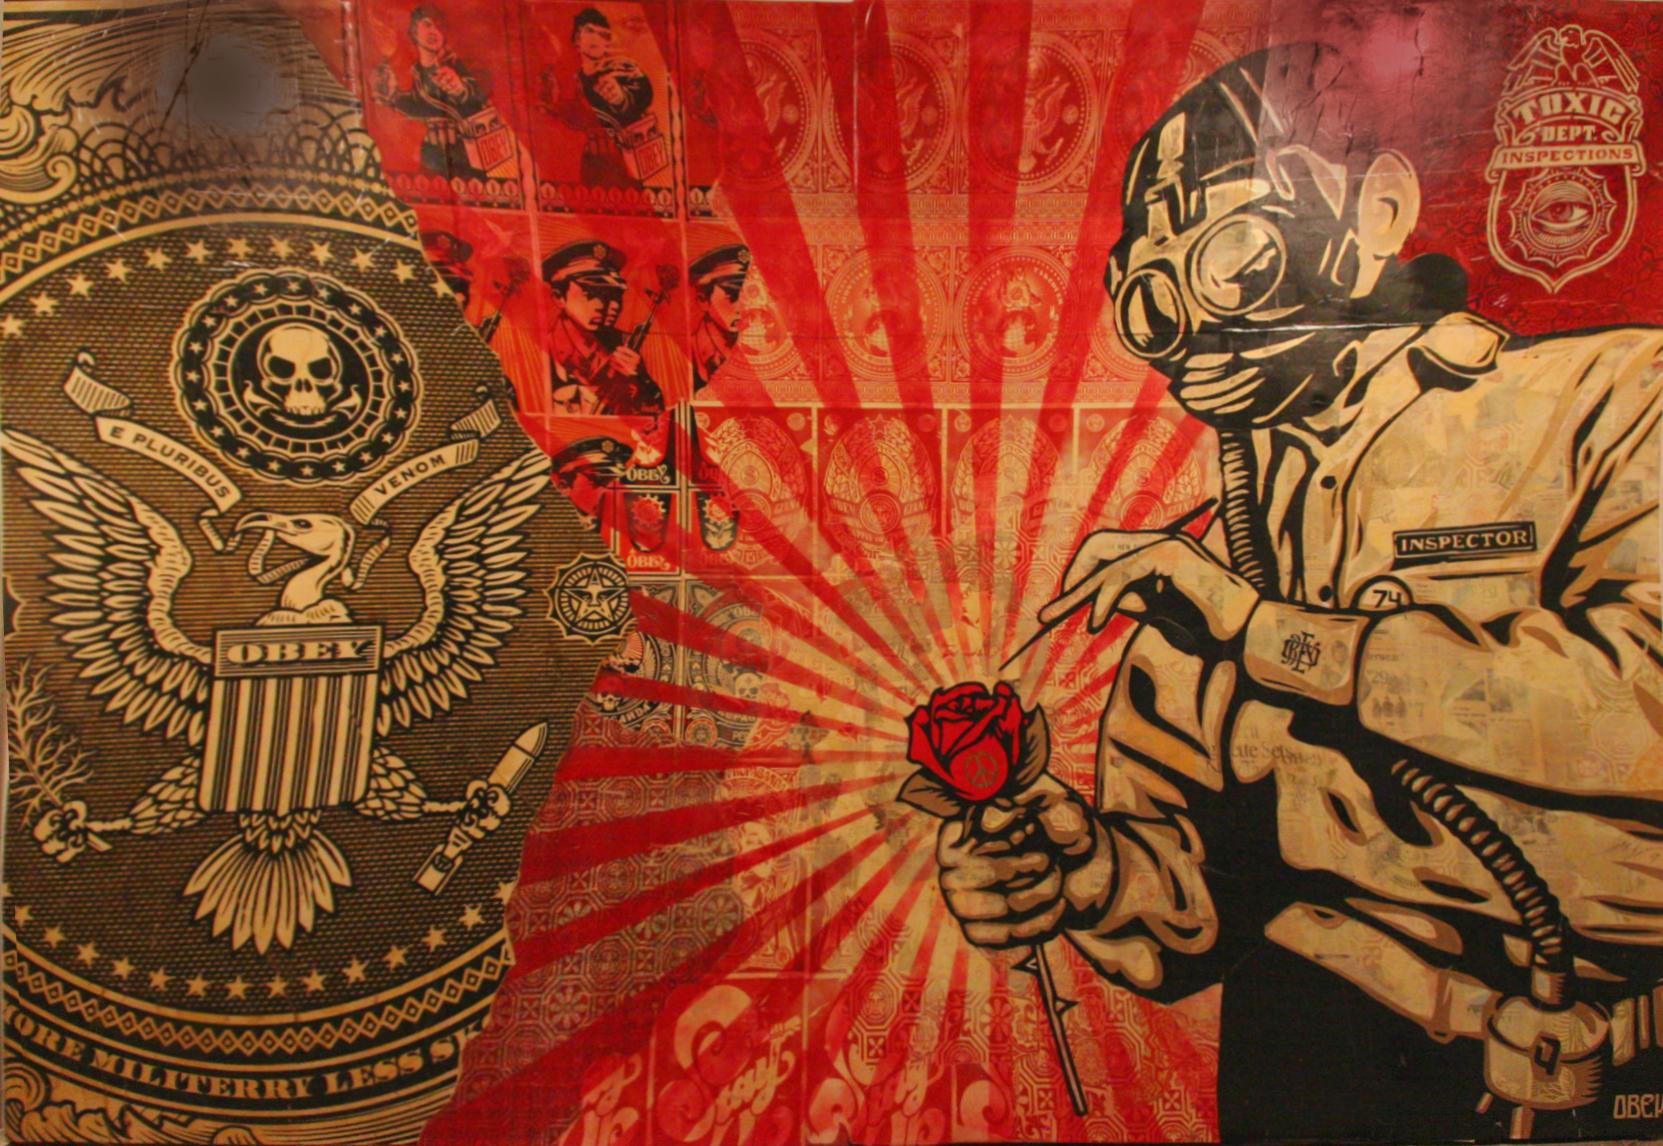 Obey wallpaper 1663x1146